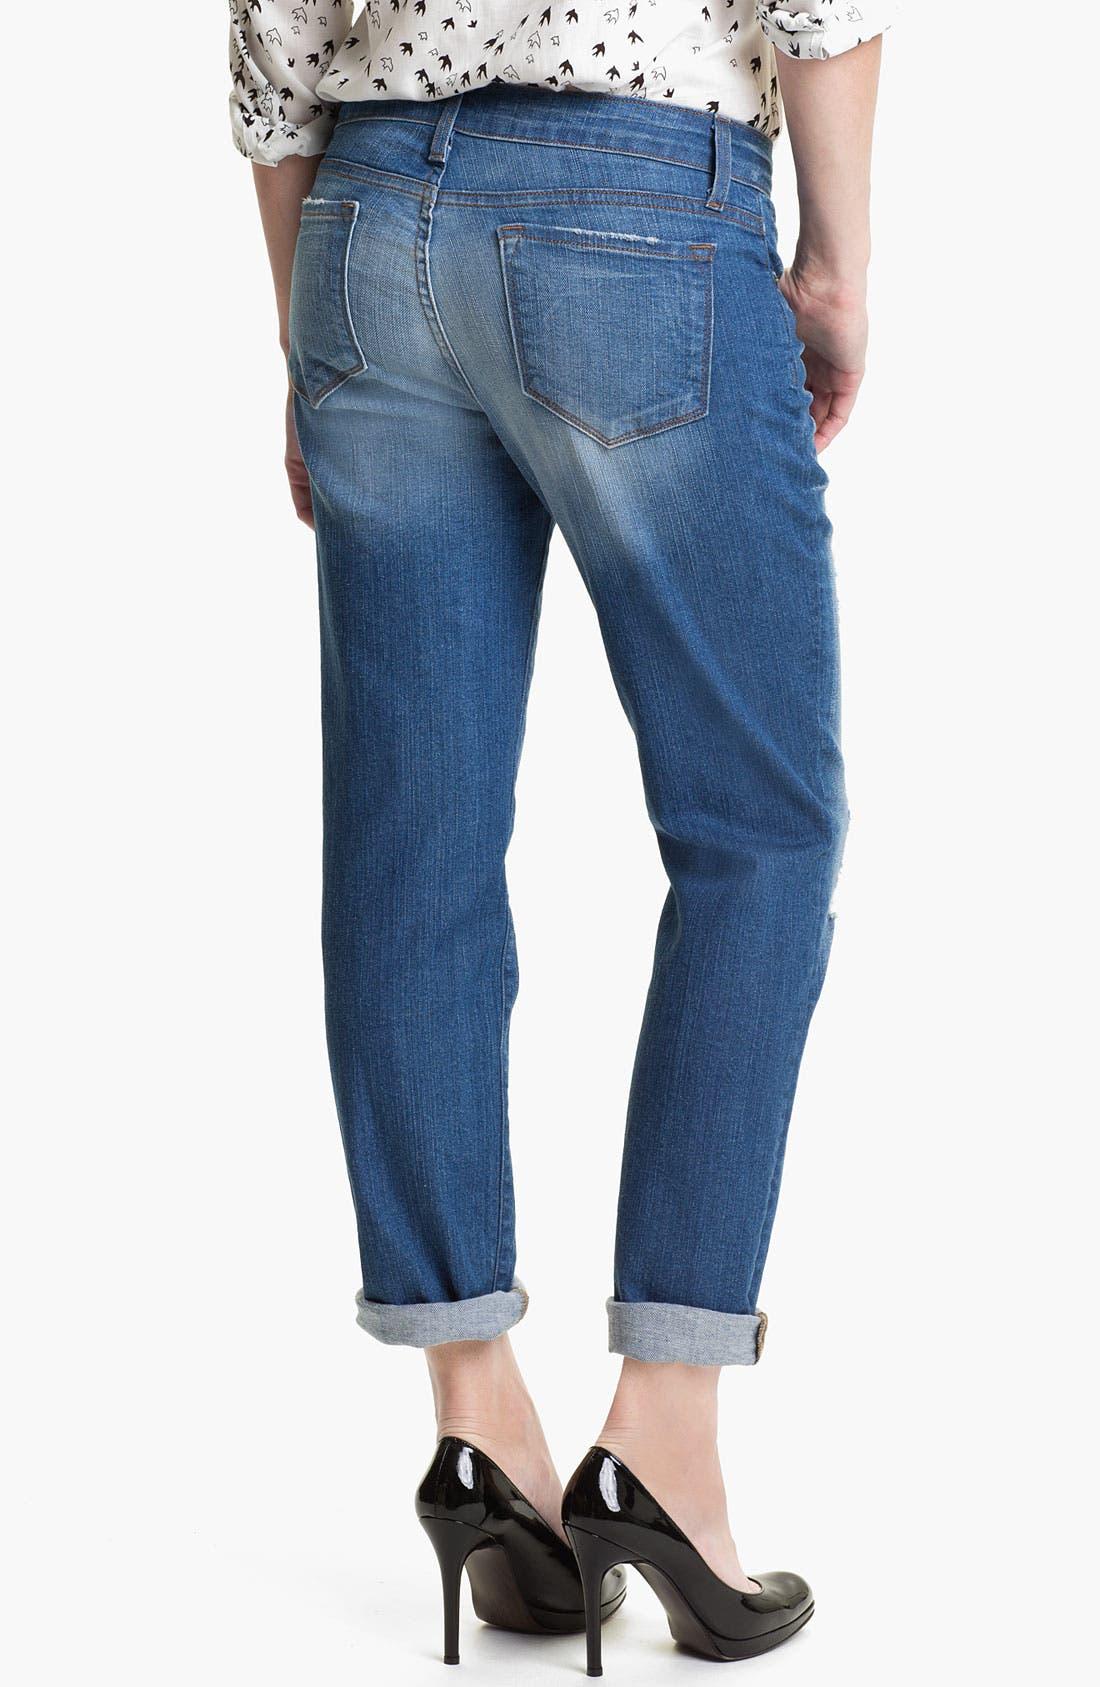 Alternate Image 2  - Blue Essence Boyfriend Jeans (Worn Destroyed) (Nordstrom Exclusive)